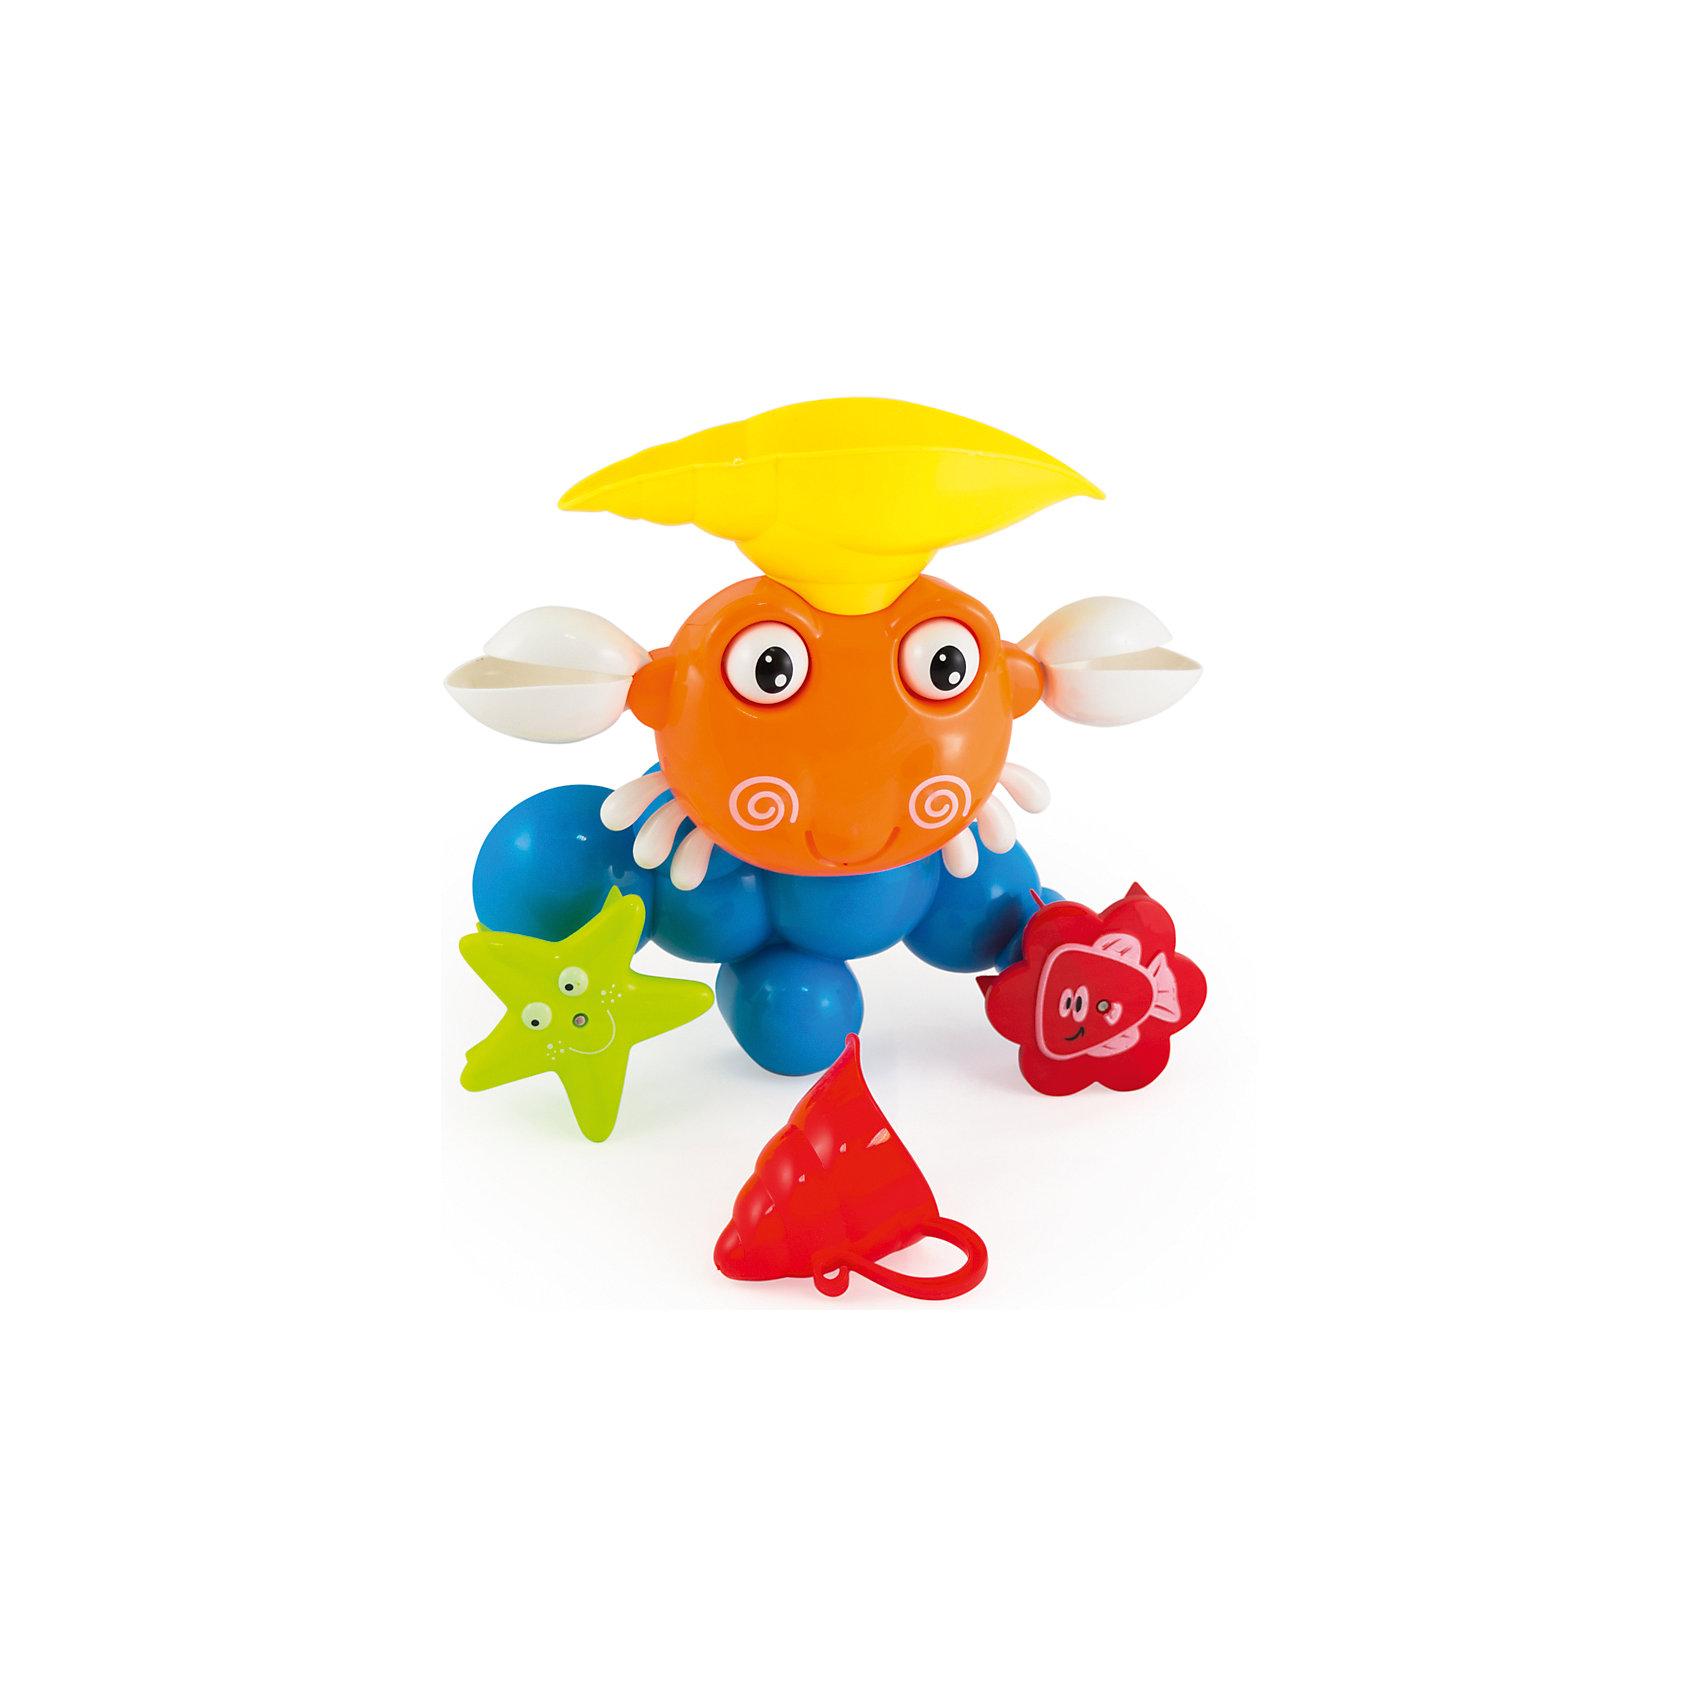 Игрушка для ванны Краб, PicnMixКраб от PicnMix- яркая развивающая игрушка для ванны. Возьмите черпачок в виде ракушки, наберите в него воды и вылейте на голову краба. Все подвижные элементы игрушки тут же начнут крутиться, чем вызовут восторг у малыша. Краб поможет развить мелкую моторику и понимание причинно-следственных связей. С игрушкой Краб купаться будет очень весело и интересно!<br><br>Дополнительная информация:<br>Батарейки не требуются<br>Материал: пластик<br><br>Игрушку для ванны Краб от PicnMix можно купить в нашем интернет-магазине.<br><br>Ширина мм: 330<br>Глубина мм: 100<br>Высота мм: 340<br>Вес г: 622<br>Возраст от месяцев: 18<br>Возраст до месяцев: 60<br>Пол: Унисекс<br>Возраст: Детский<br>SKU: 5008806